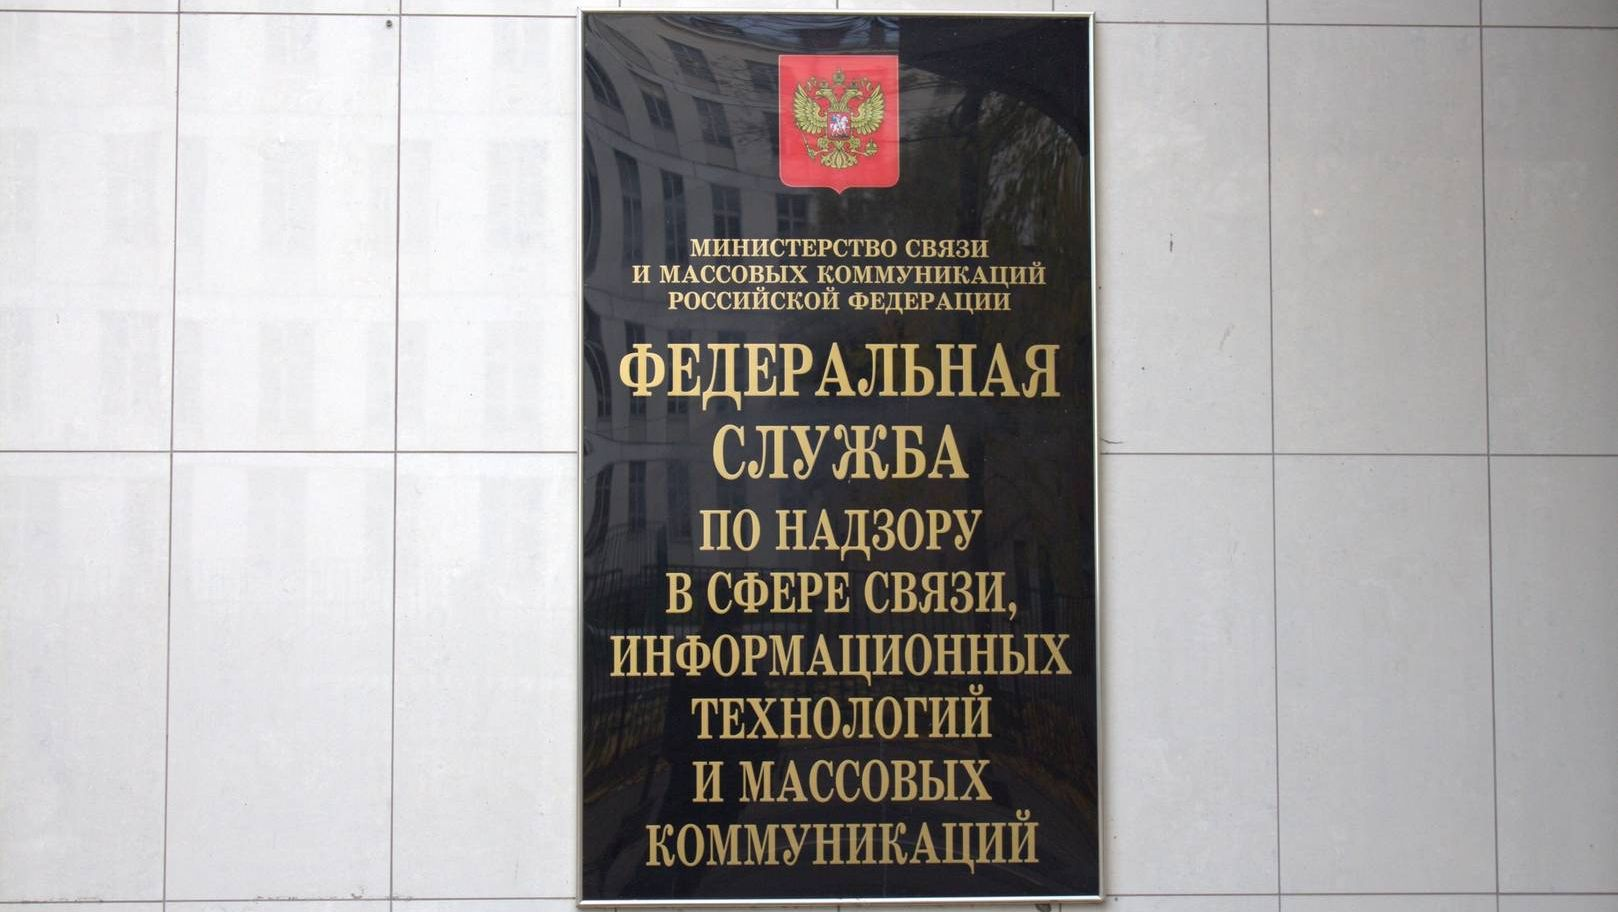 Роскомнадзор вычислил 20 интернет-ресурсов, накоторых продавали ордена имедали ВОВ